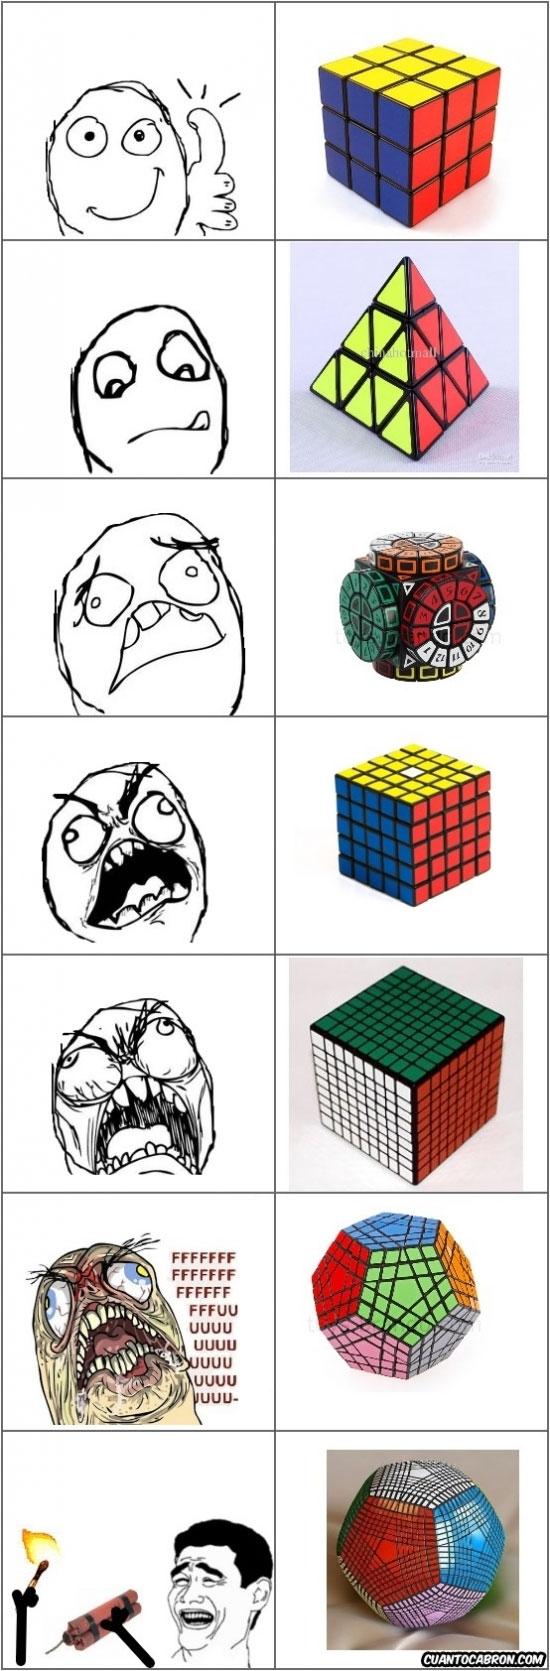 Ffffuuuuuuuuuu - Lo del cubo de Rubik se nos ha ido por completo de las manos